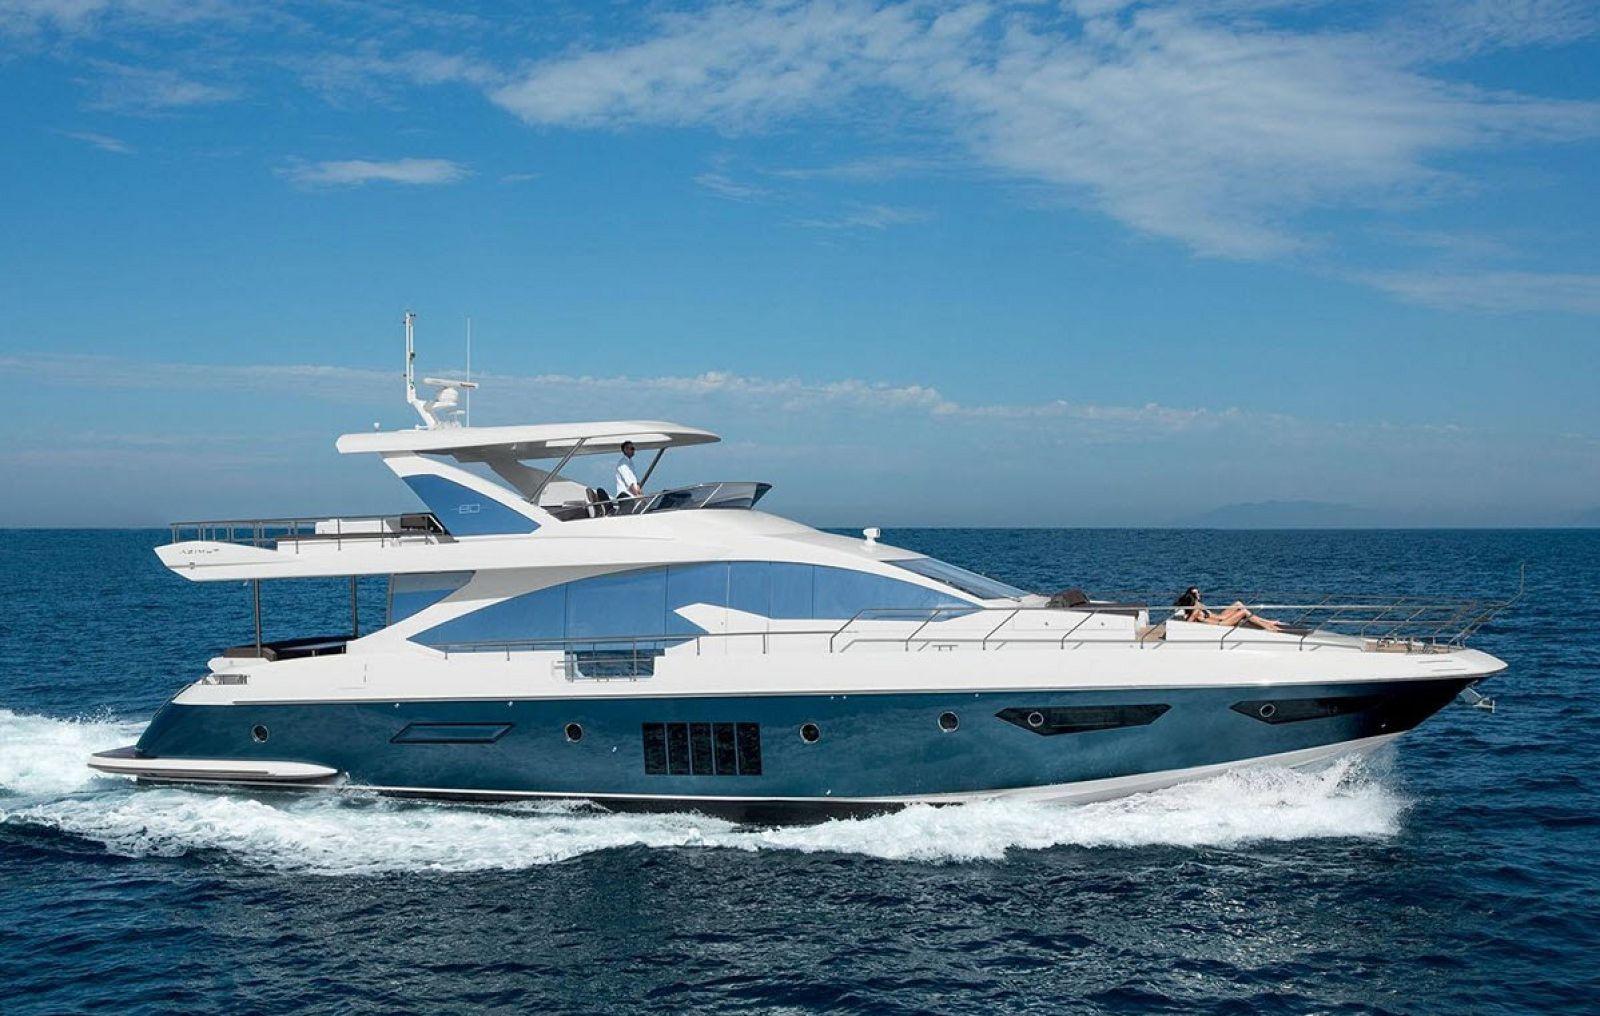 azimut 88 yacht for sale